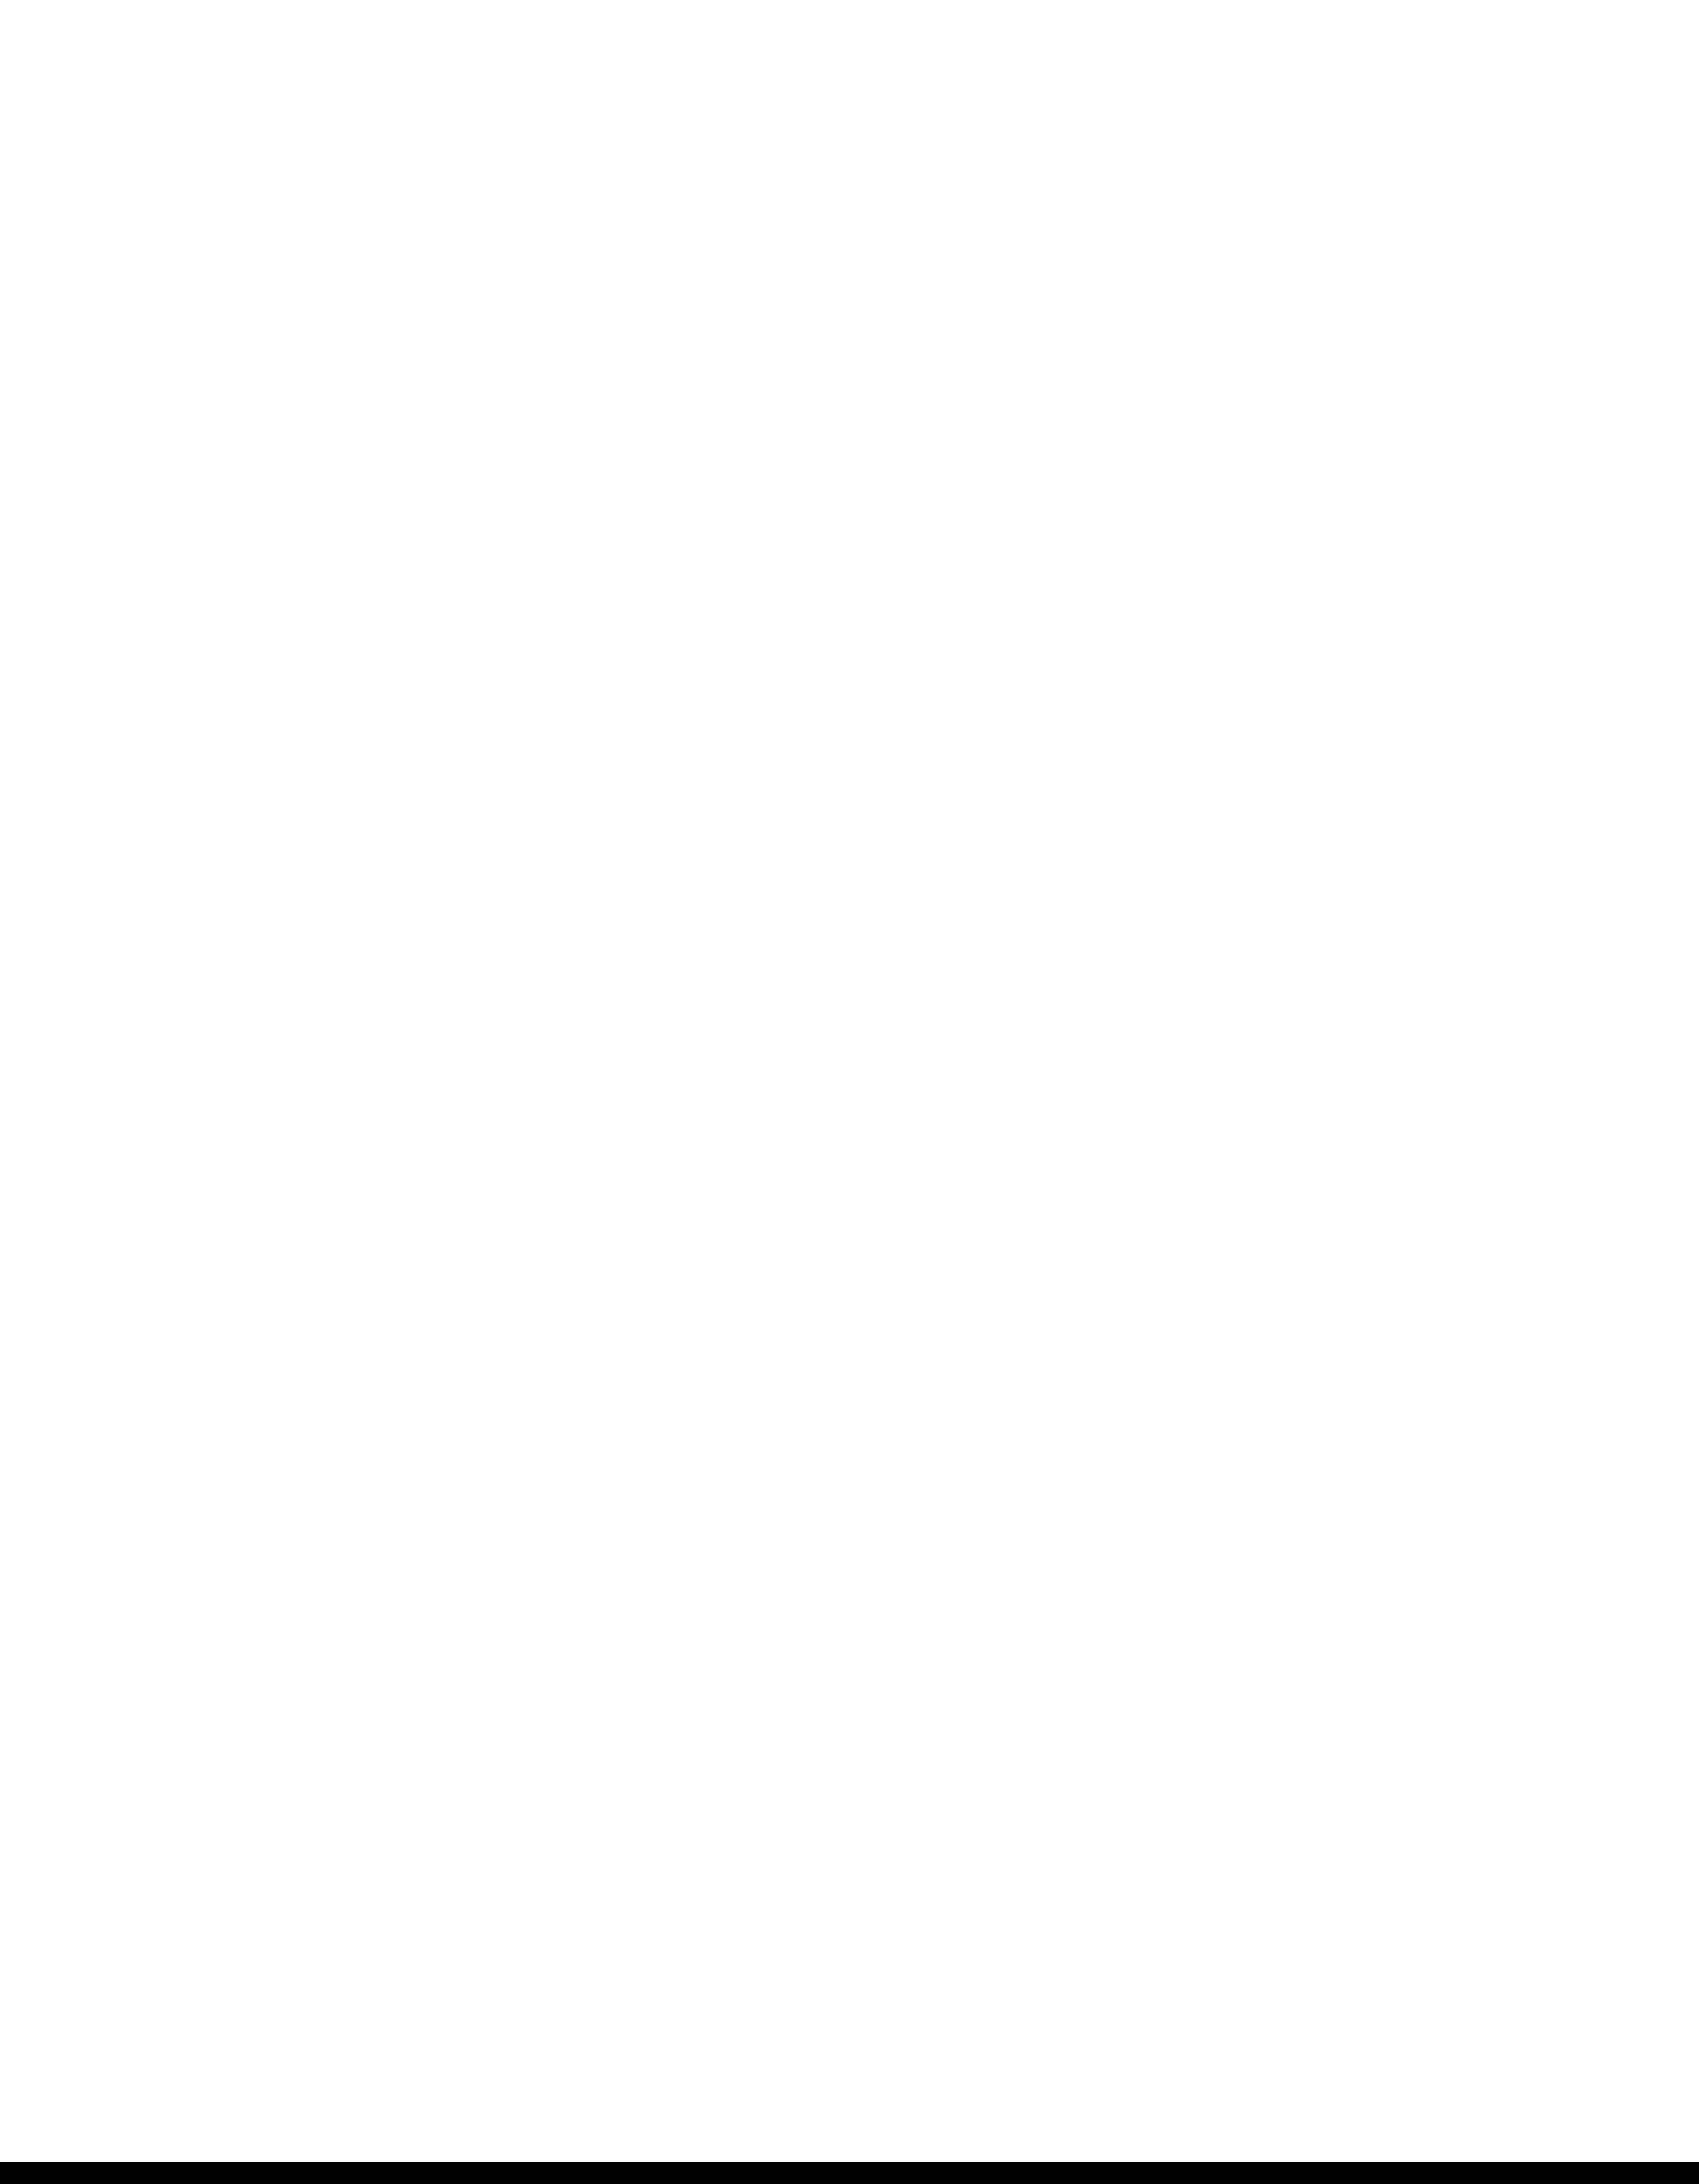 Vasaskolan